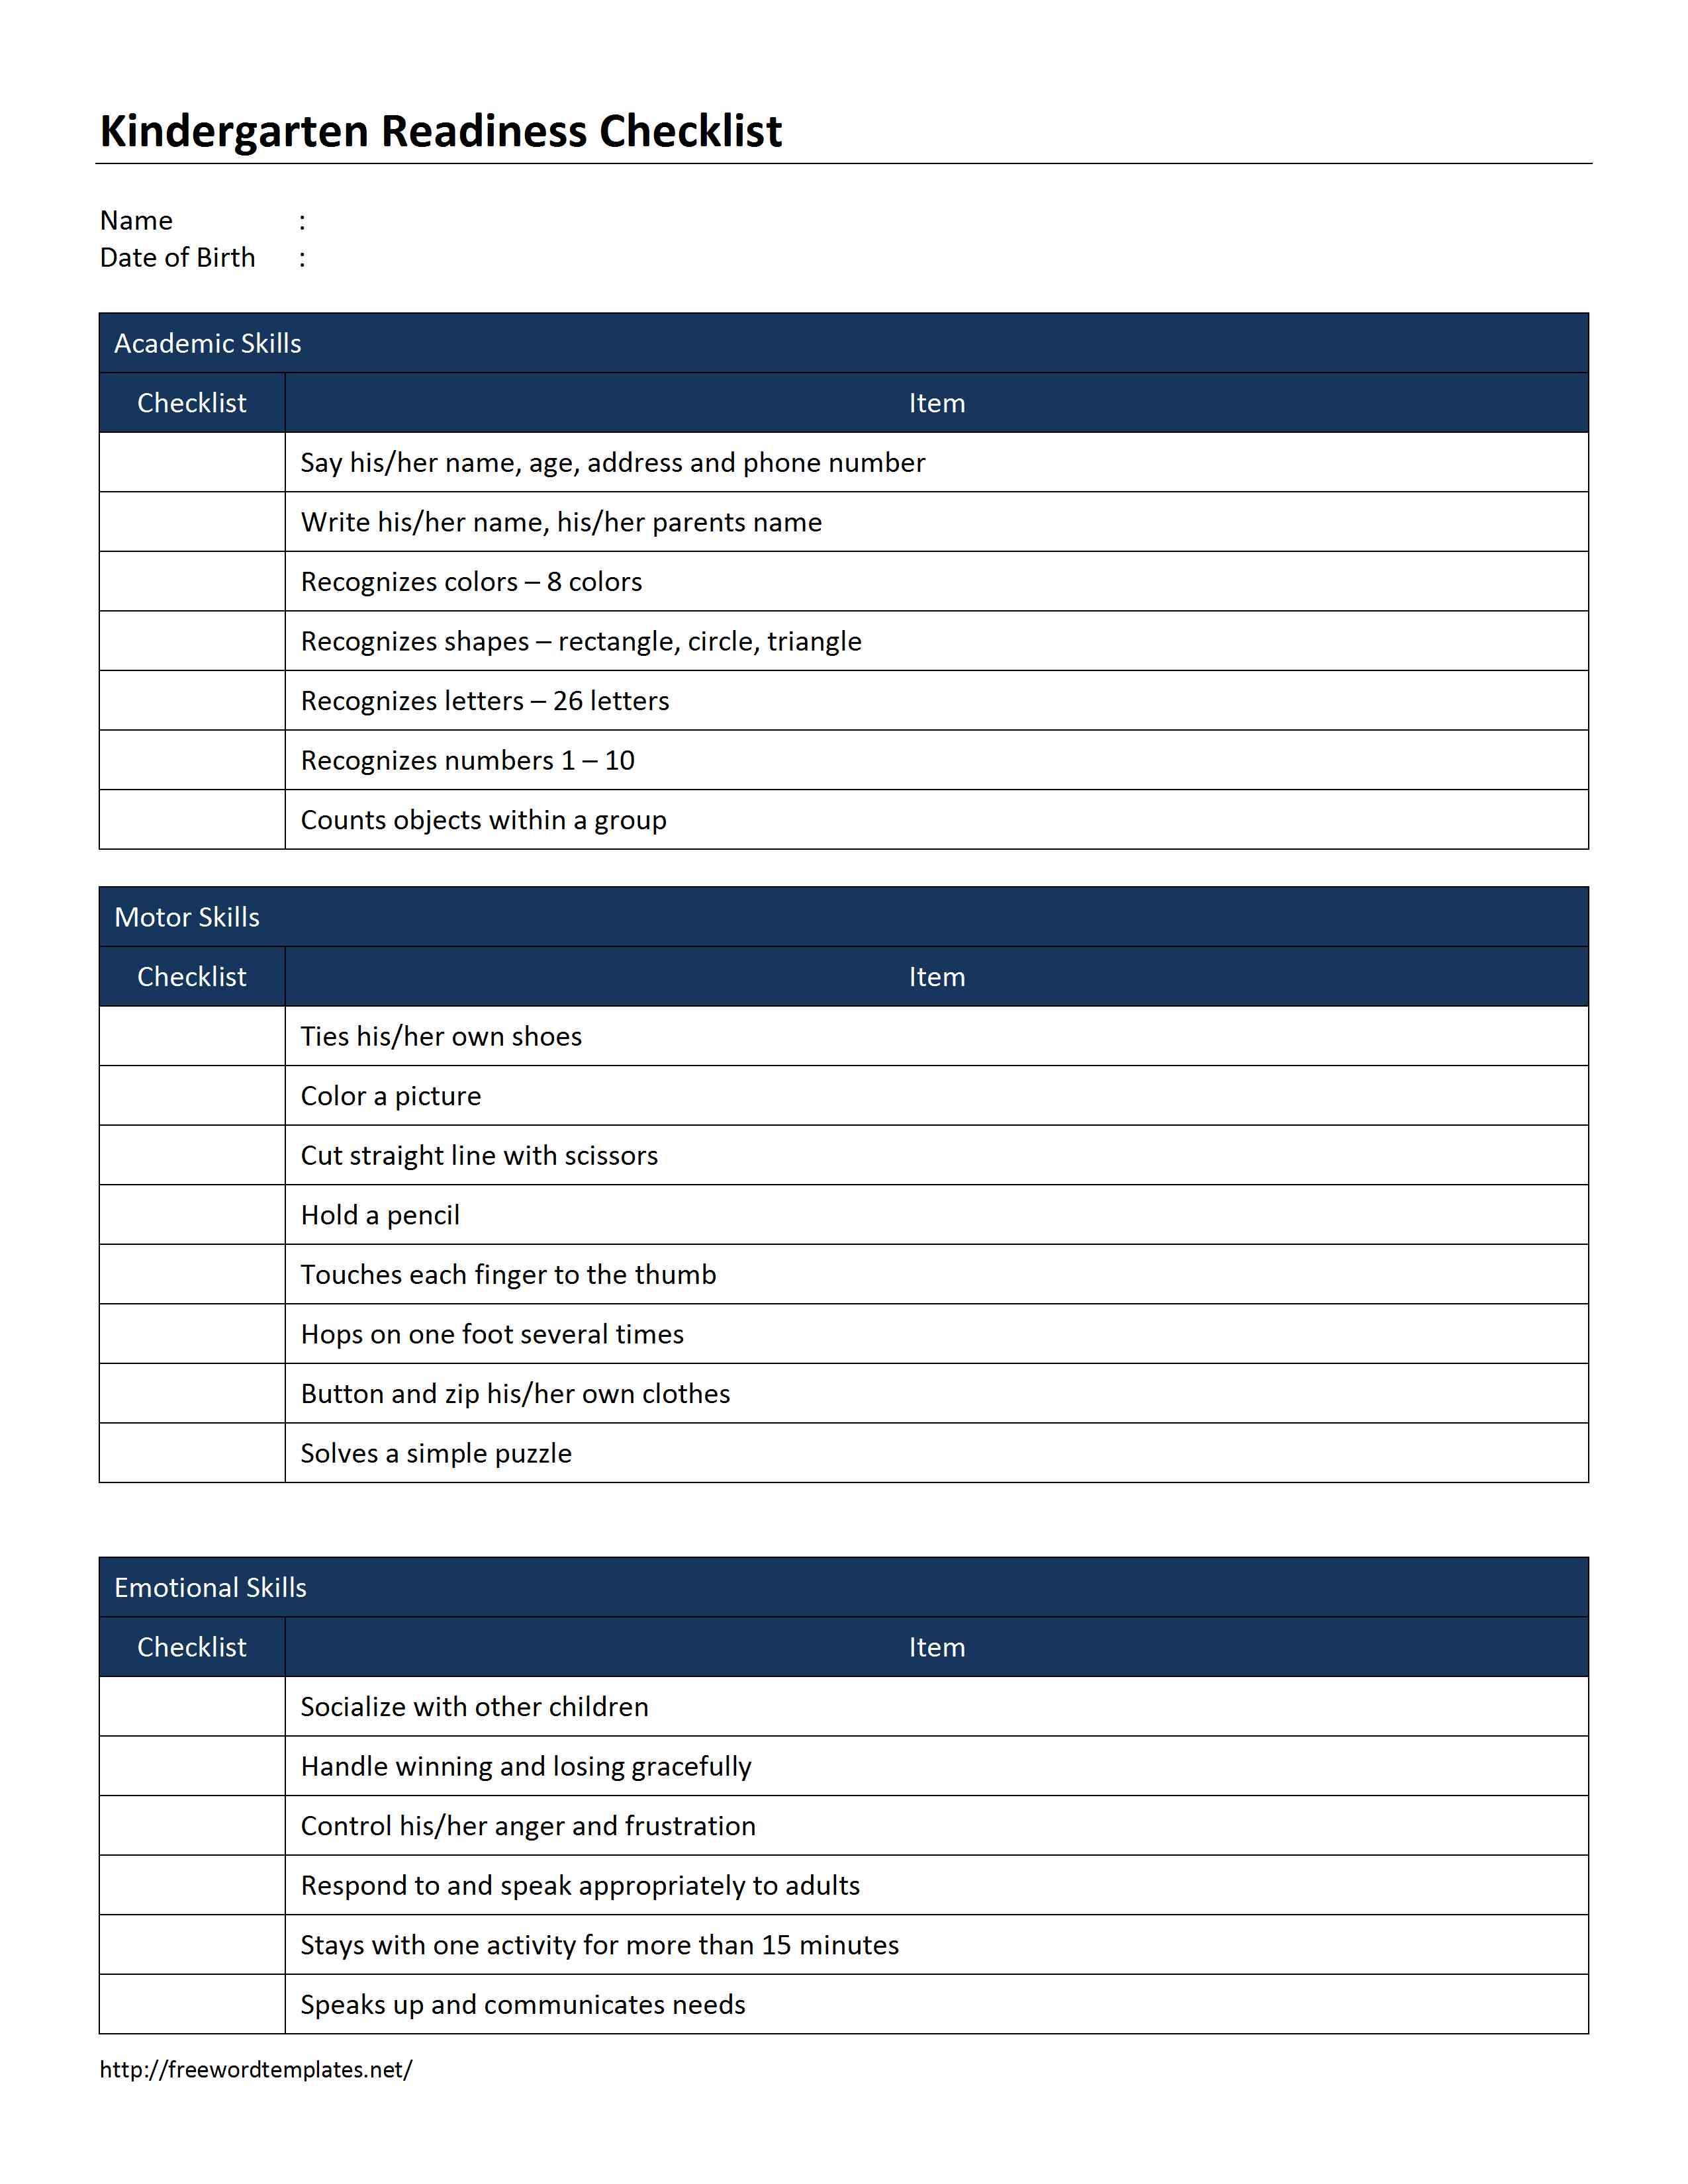 Kindergarten Readiness Checklist Template